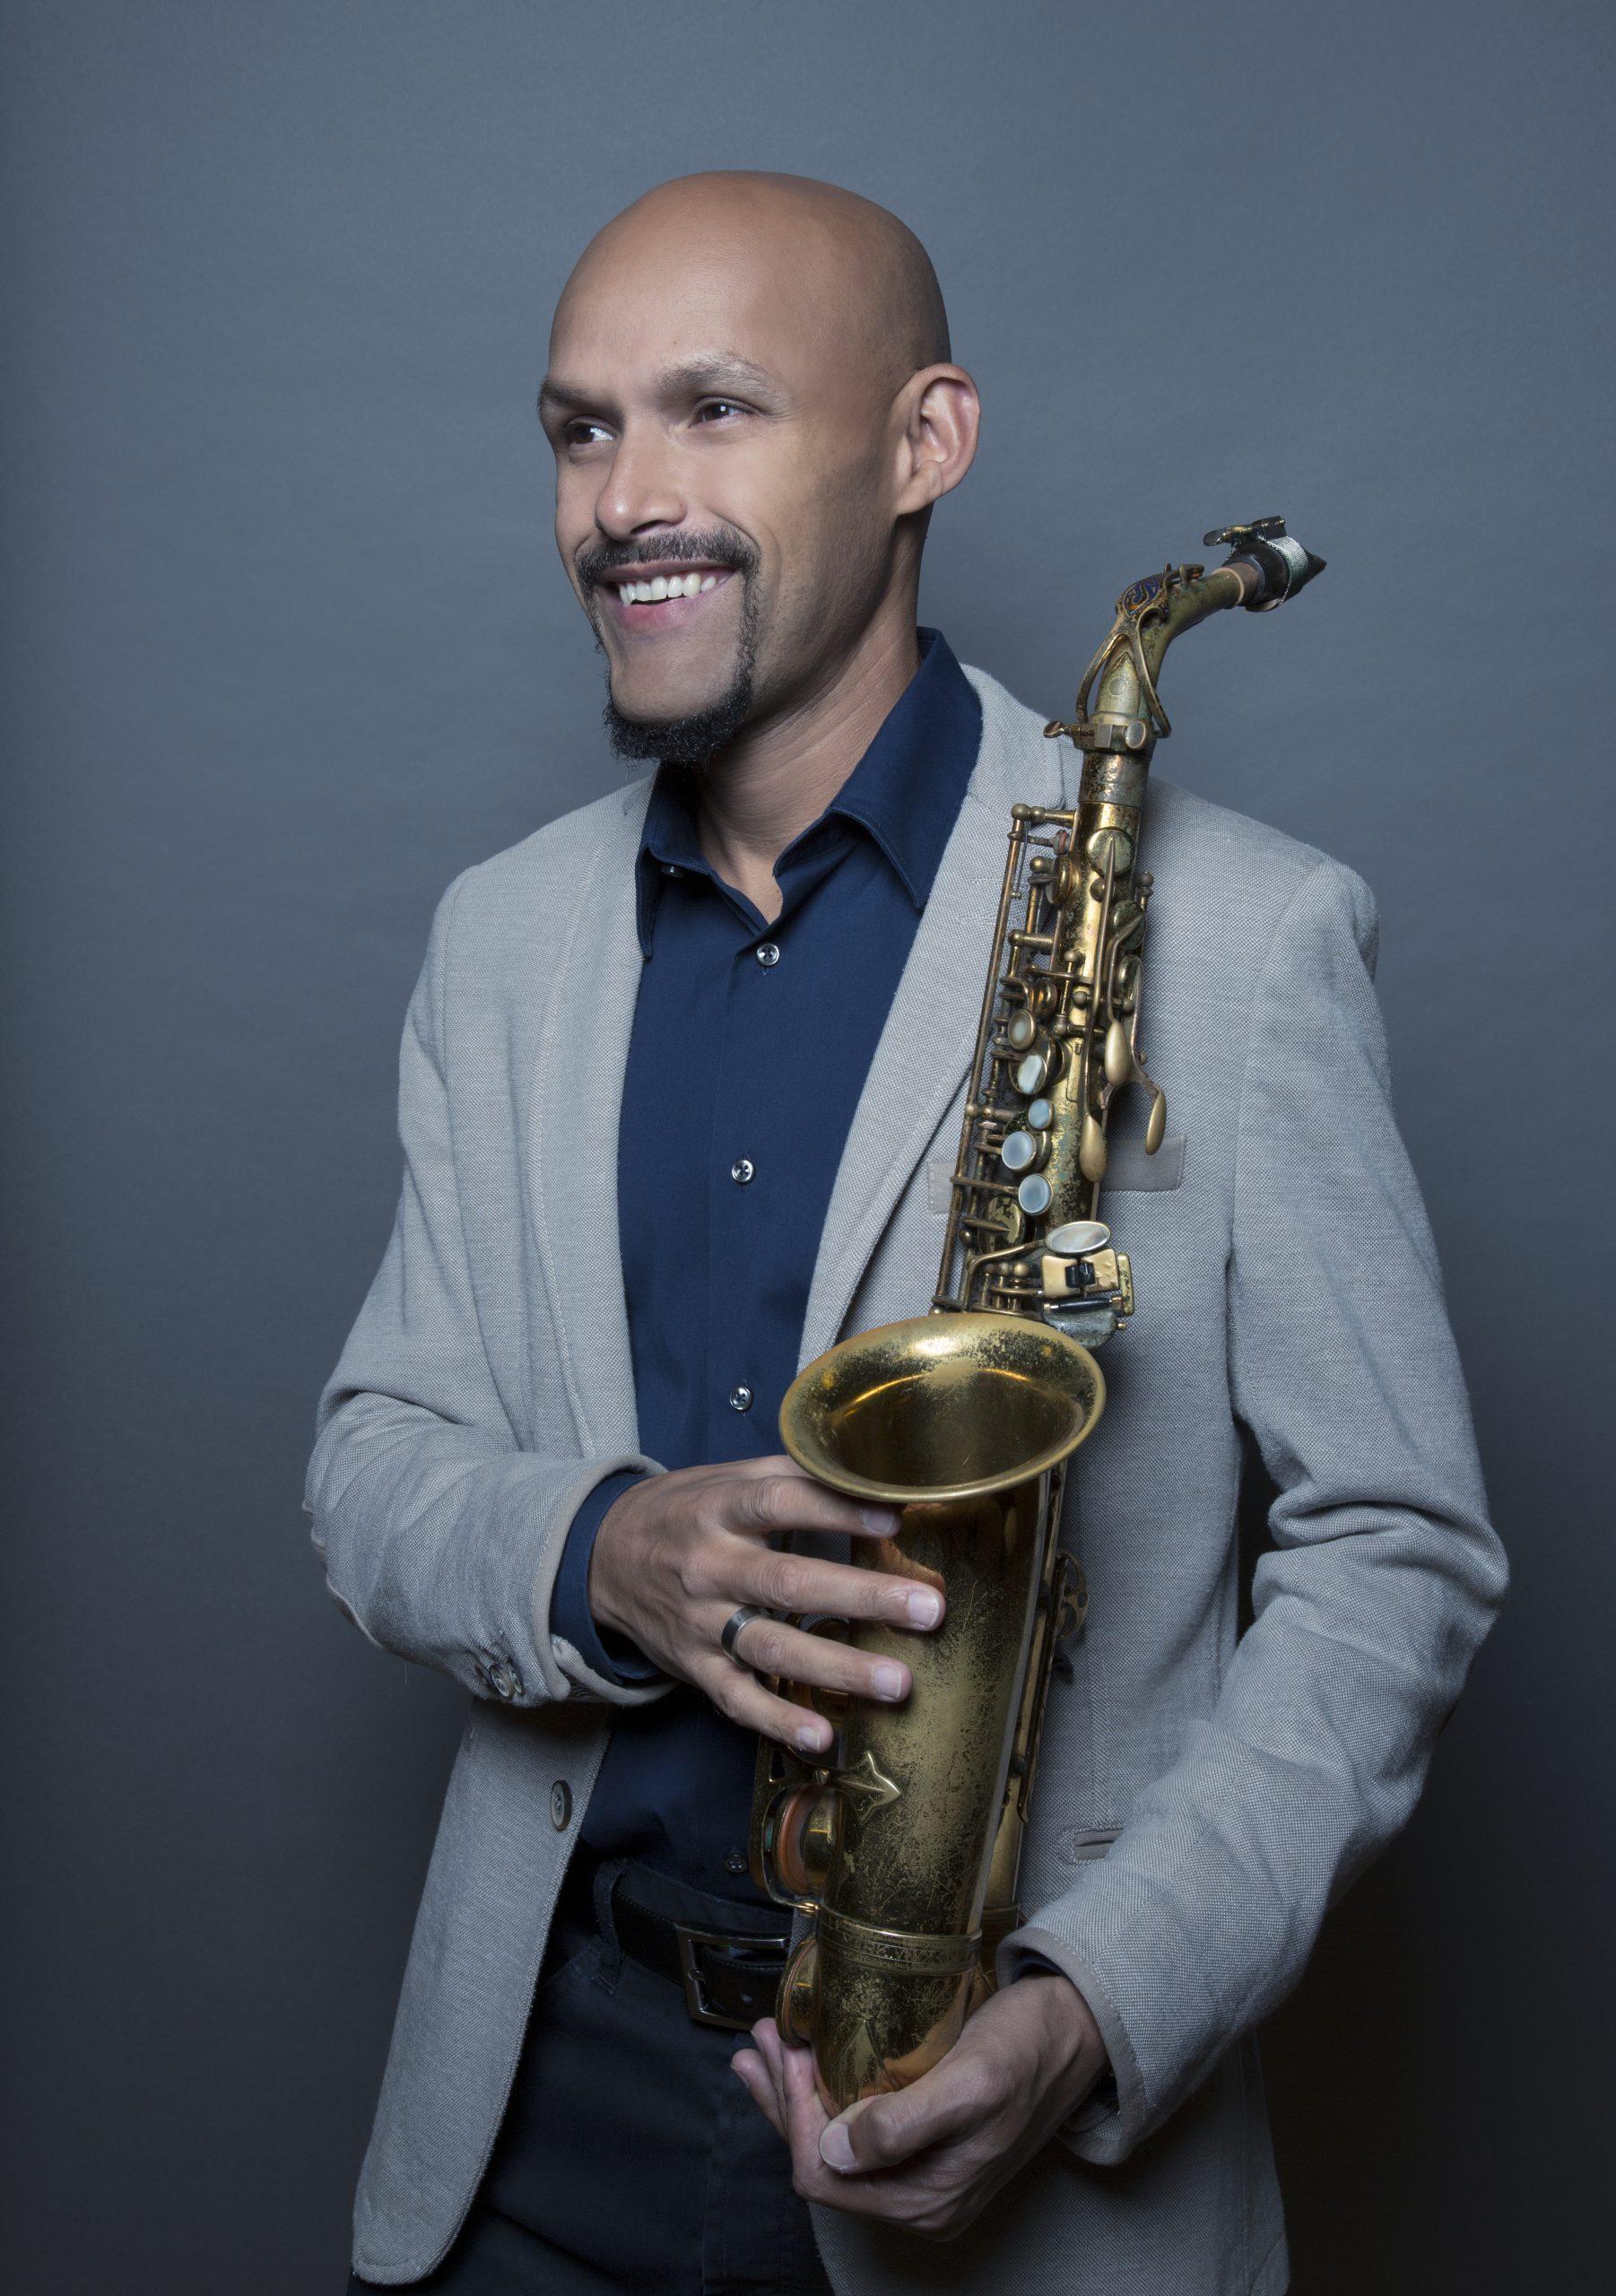 El reconocido saxofonista boricua ha recorrido numerosos municipios del País con su 'aravana Musical'. (Foto suministrada)